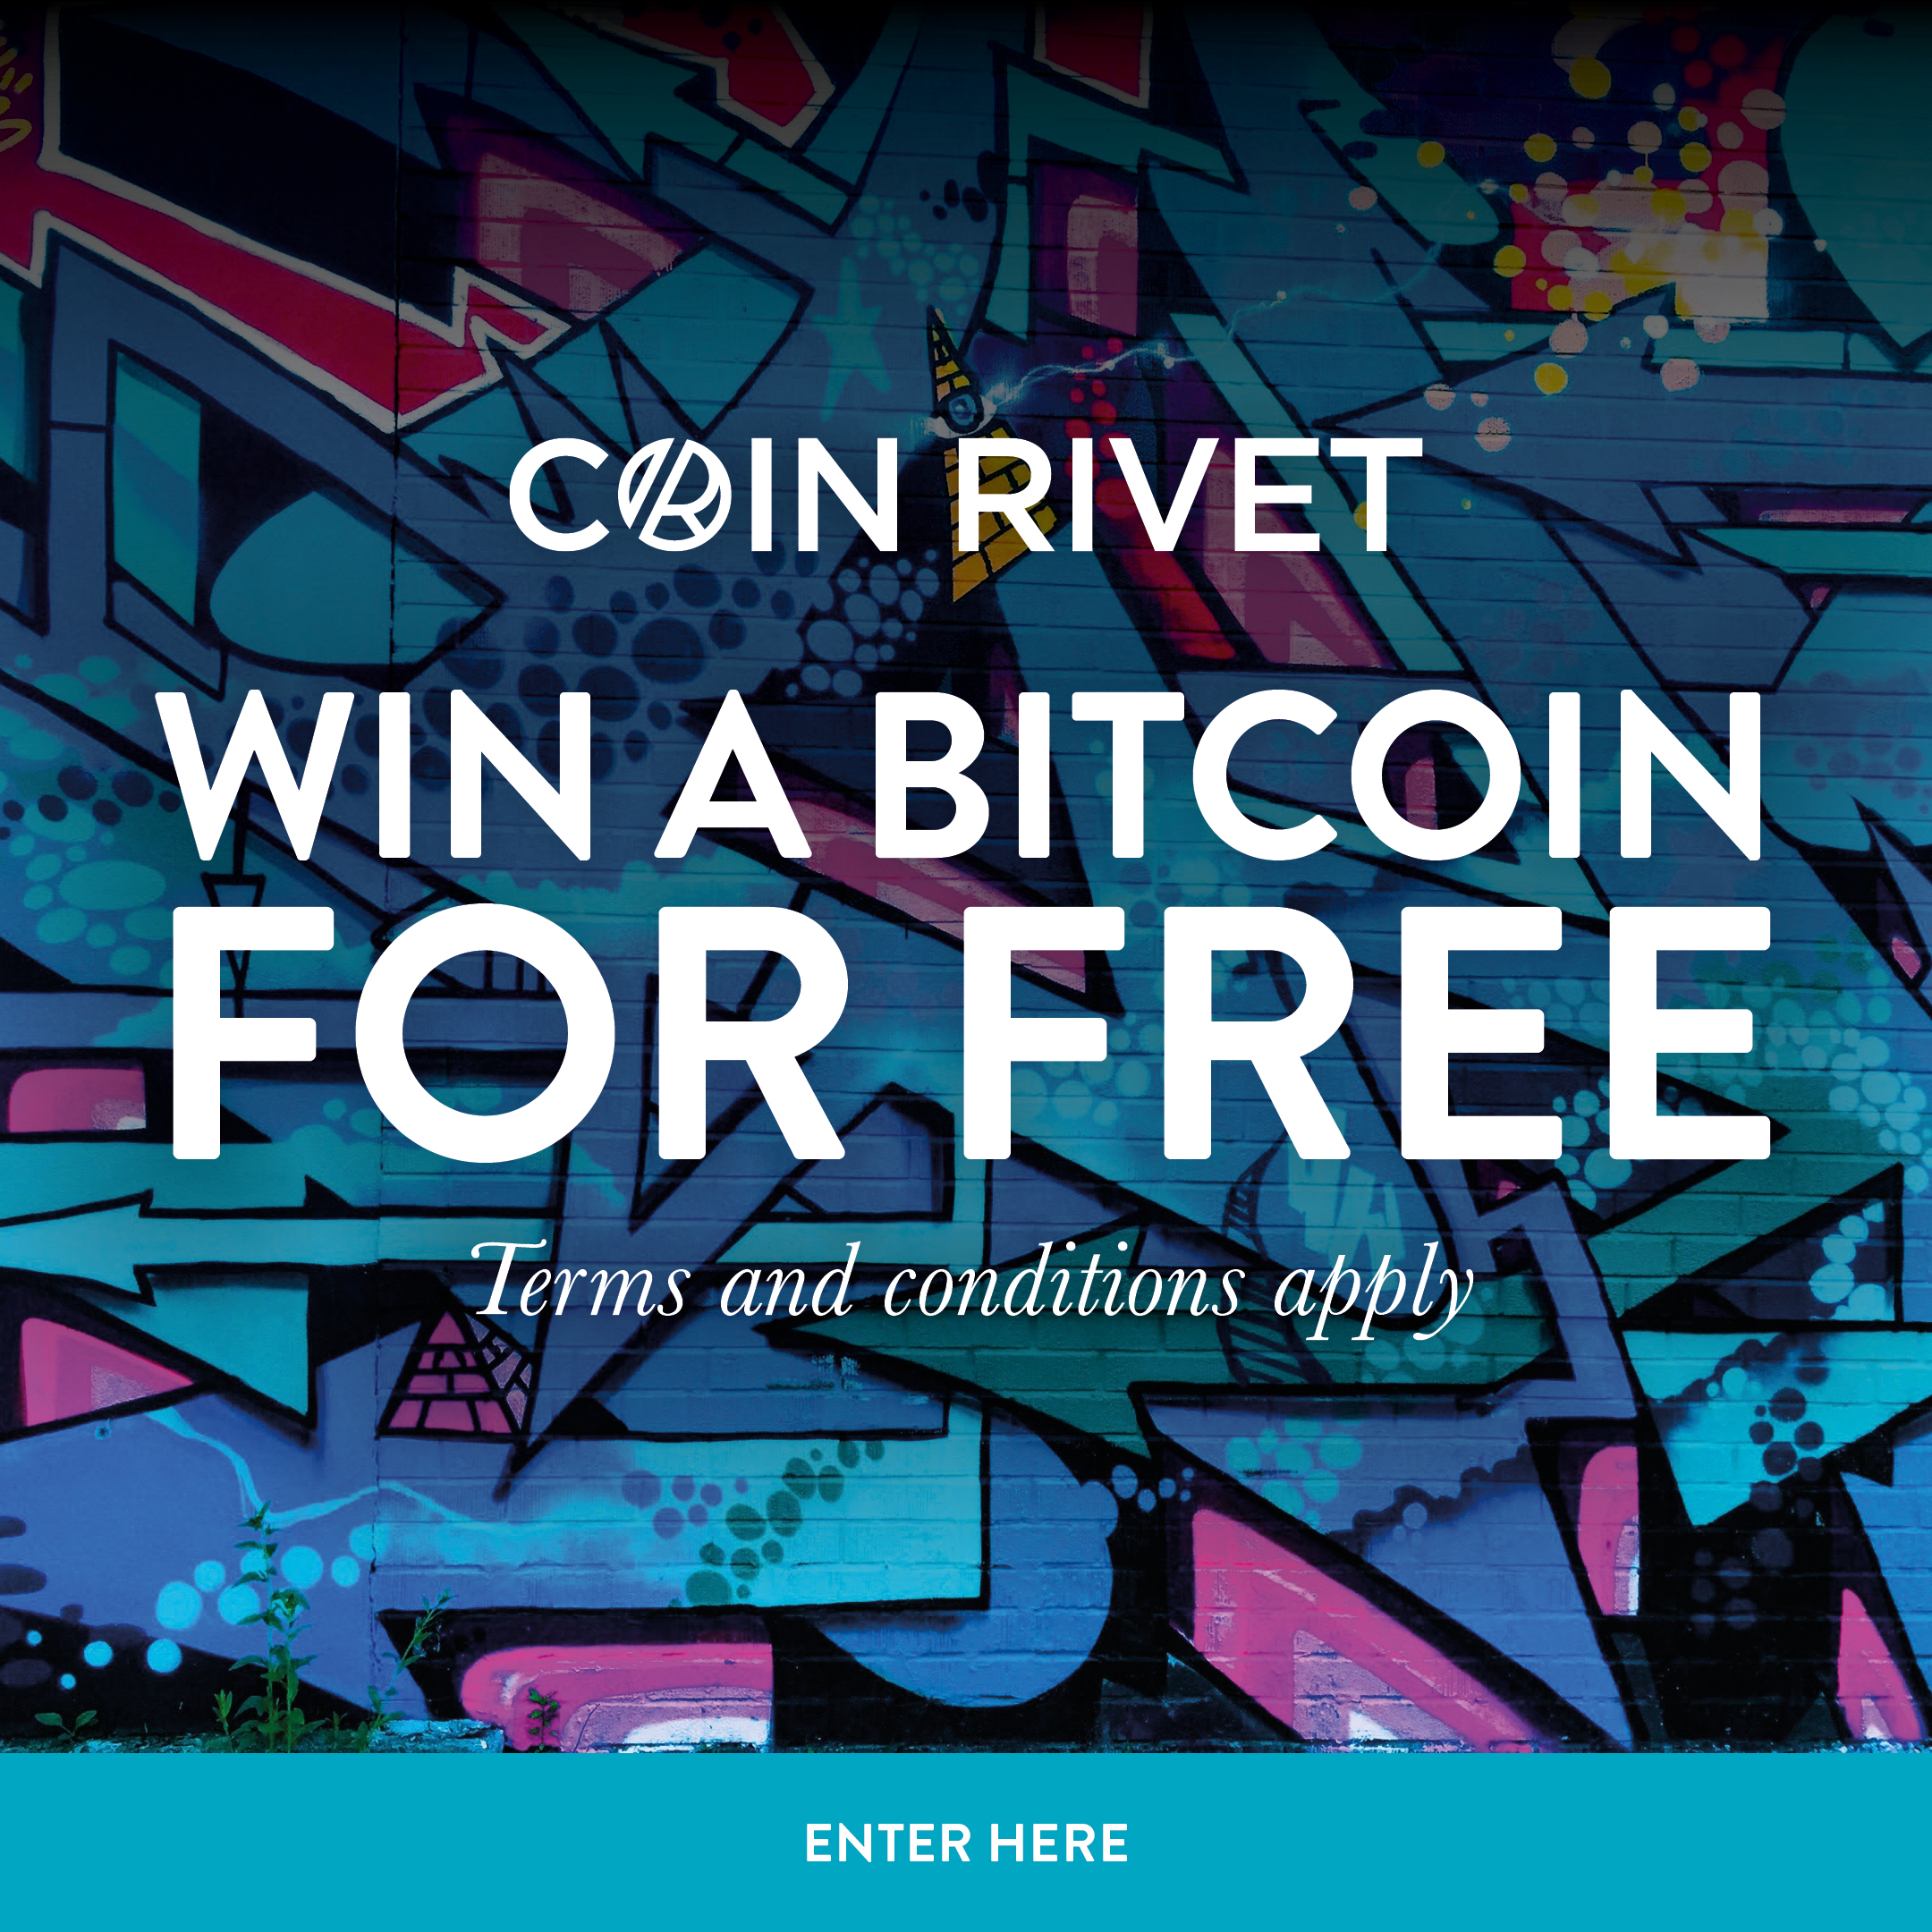 Win a Free Bitcoin Social Media Promo